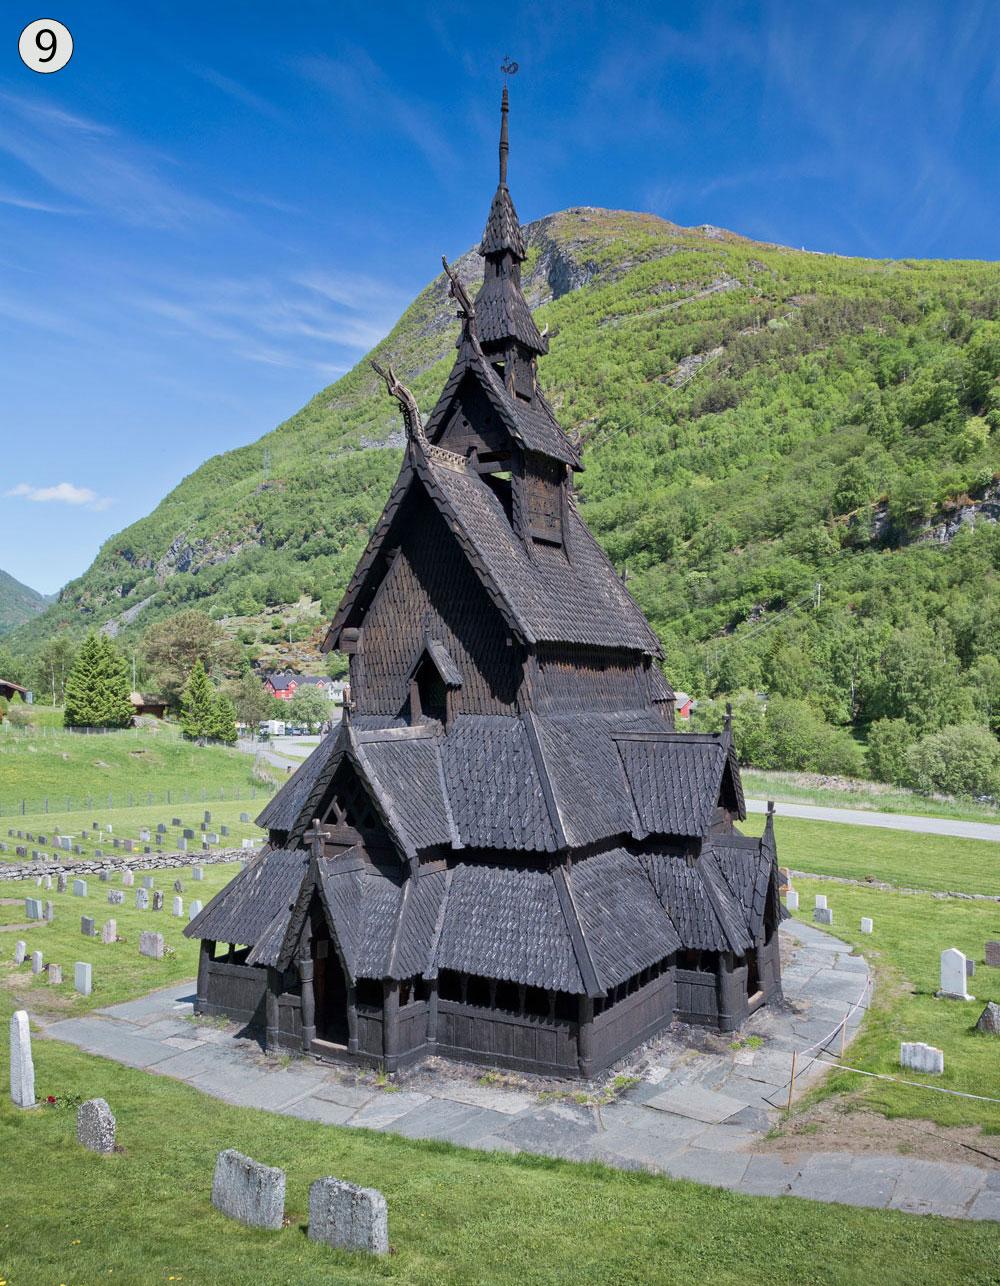 כנסיית קורות העץ בּוֹרגוּן, לארדאל, נורבגיה. כמעט שלא השתנתה מאז בנייתה, בסוף המאה ה-12 או בתחילת המאה ה-13 (צילום: Ximonic, cc)